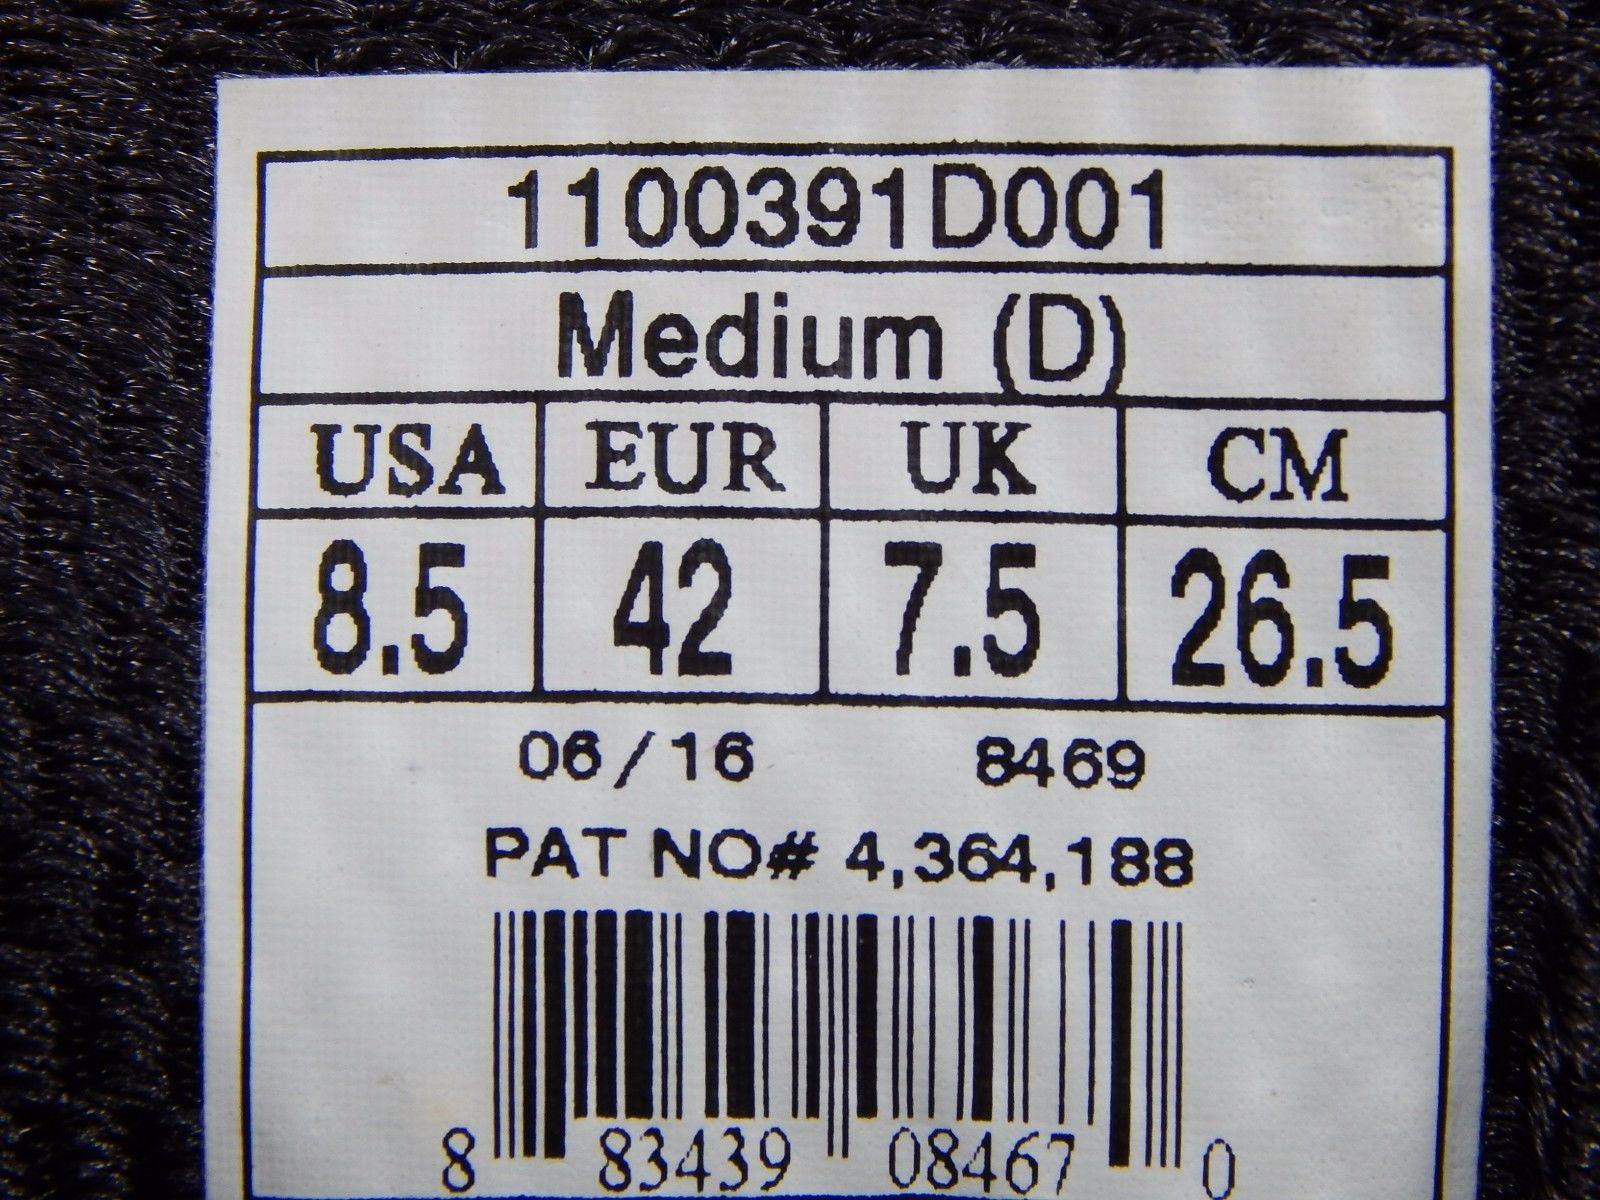 Brooks Addiction Walker Men's Walking Shoes Size US 8.5 M (D) EU 42 1100391D001